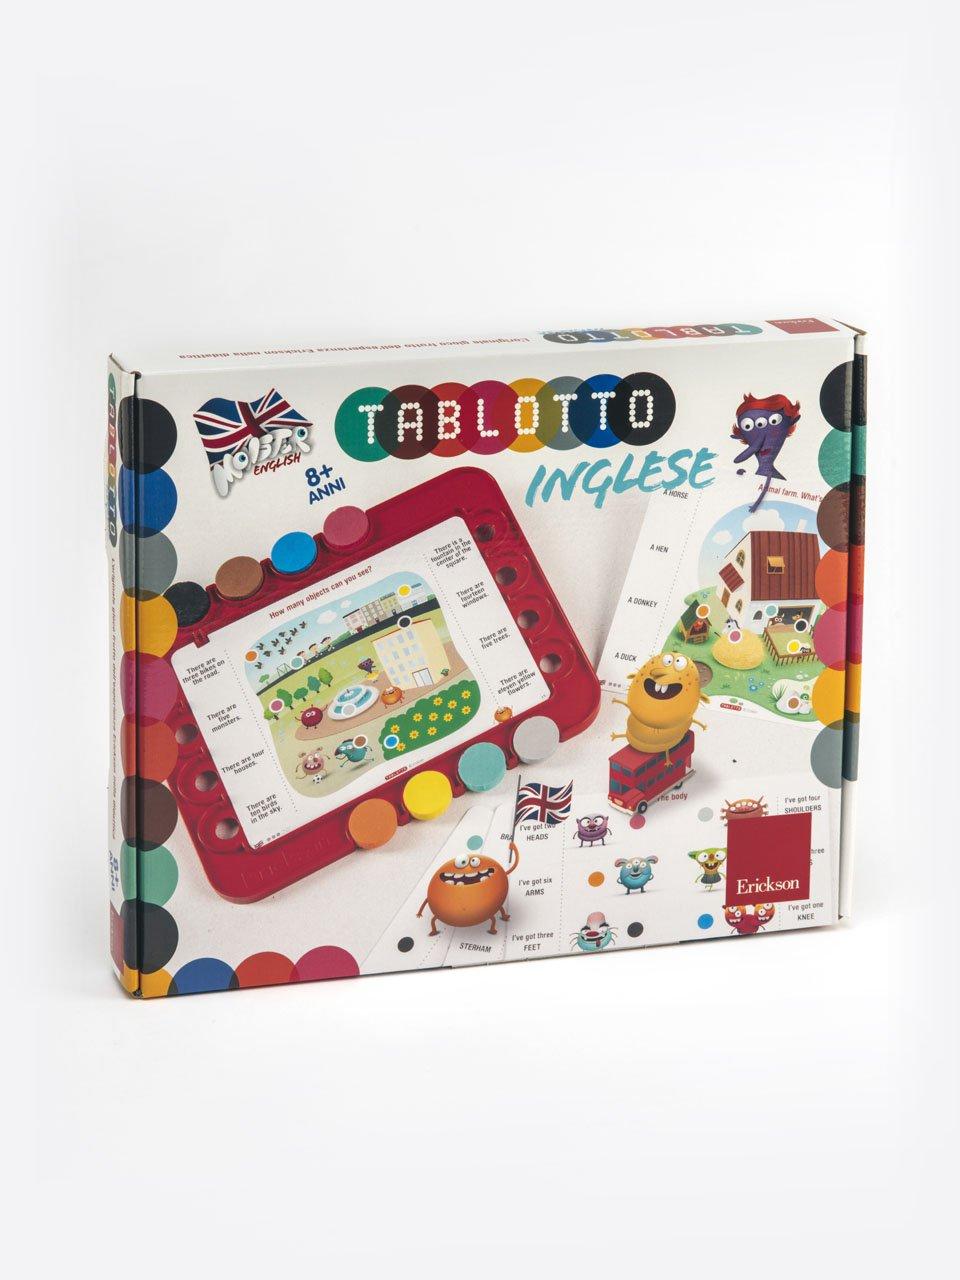 Tablotto Inglese 8+ - Schede per Tablotto (Età 8+) - Play and Learn with - Giochi - Erickson